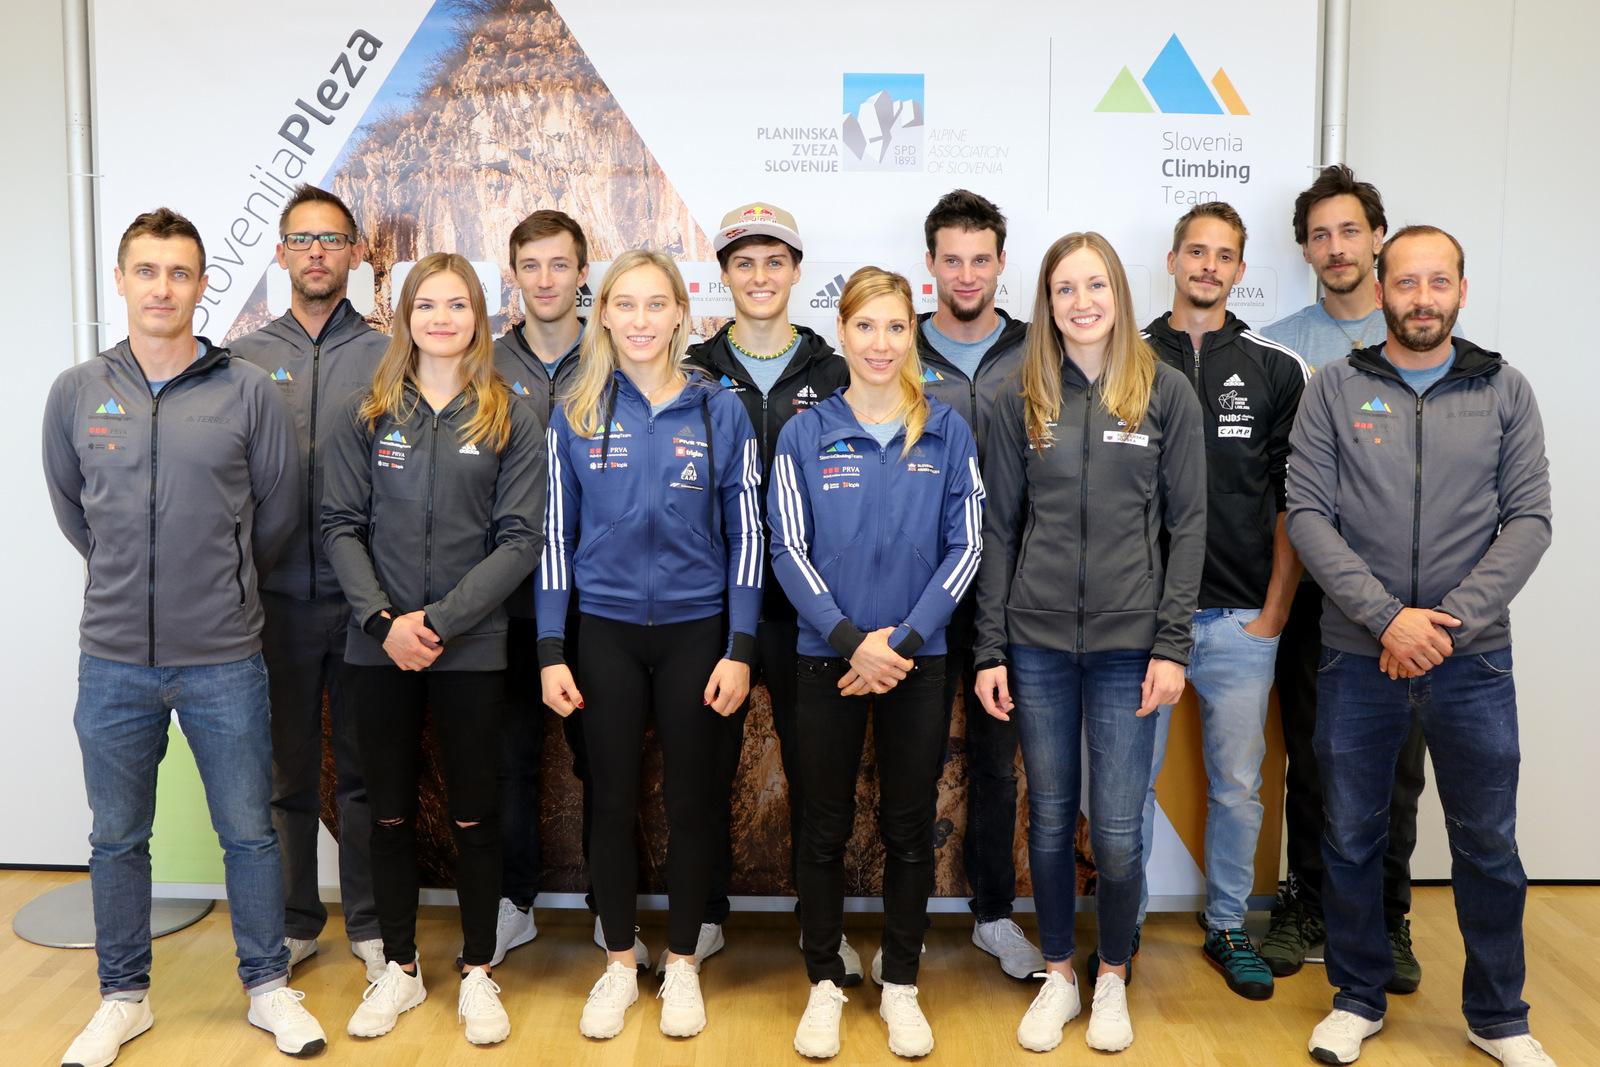 Močna slovenska zasedba v pričakovanju svetovnega prvenstva v športnem plezanju